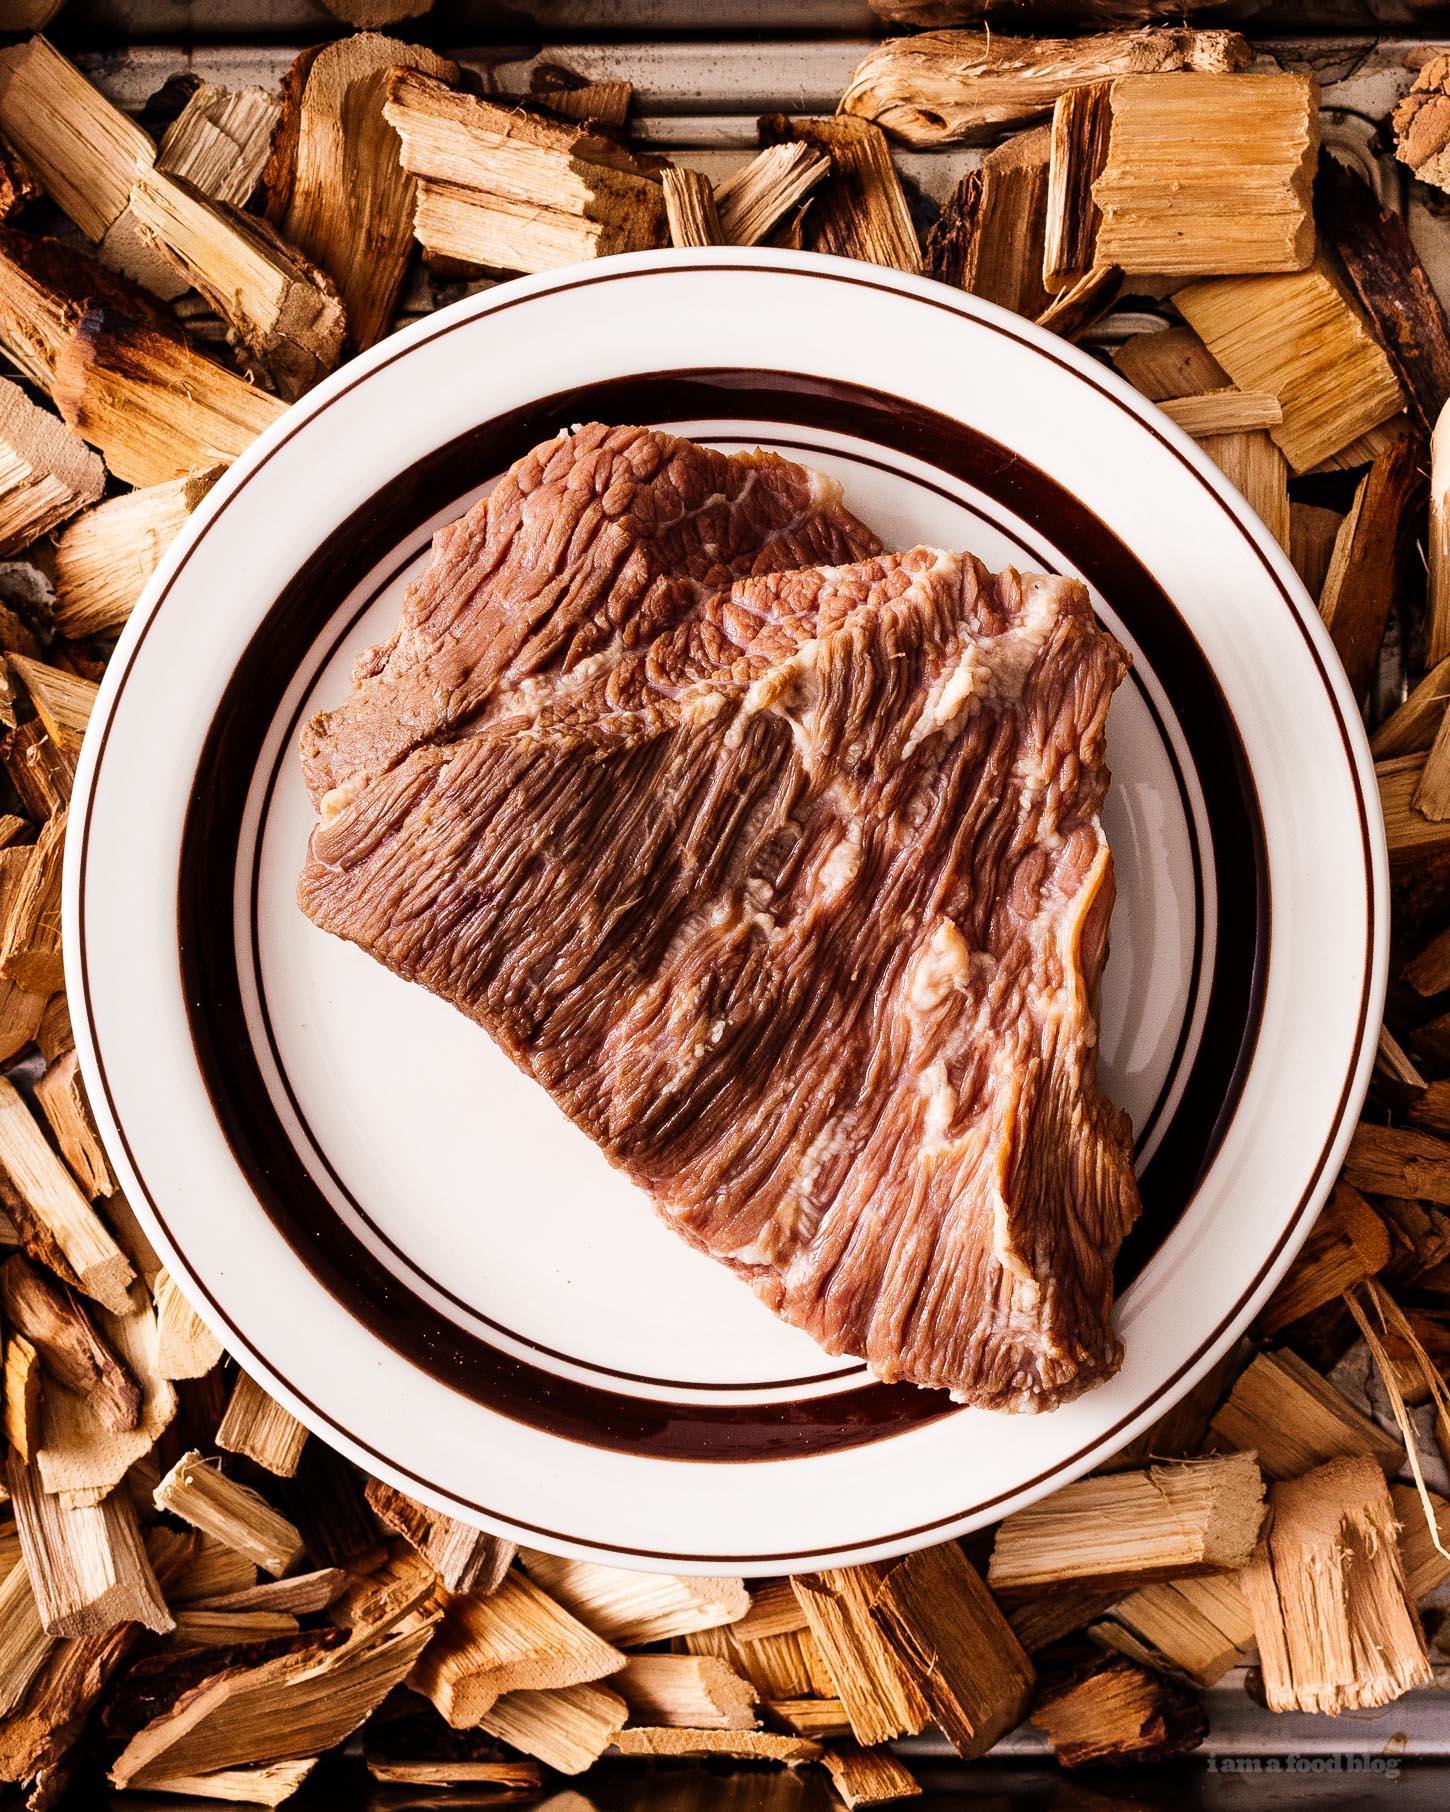 Homemade Pastrami Recipe   www.iamafoodblog.com